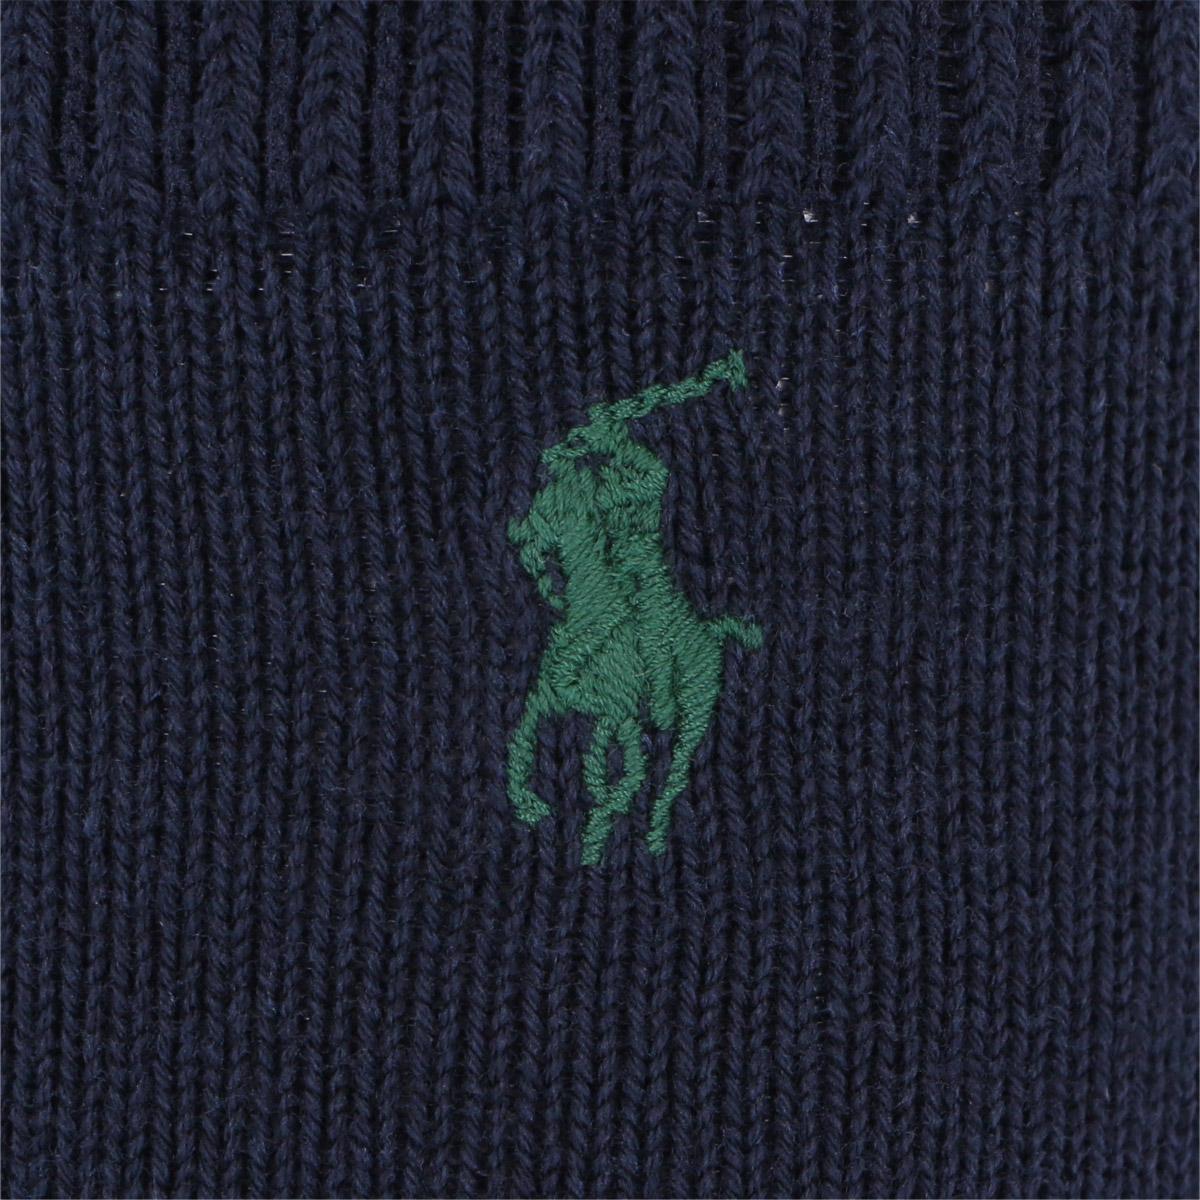 POLO RALPH LAUREN ポロ ラルフローレン|キッズ カジュアル ハイ ソックス|綿混 ワンポイント刺繍 アーガイル柄|4875-440